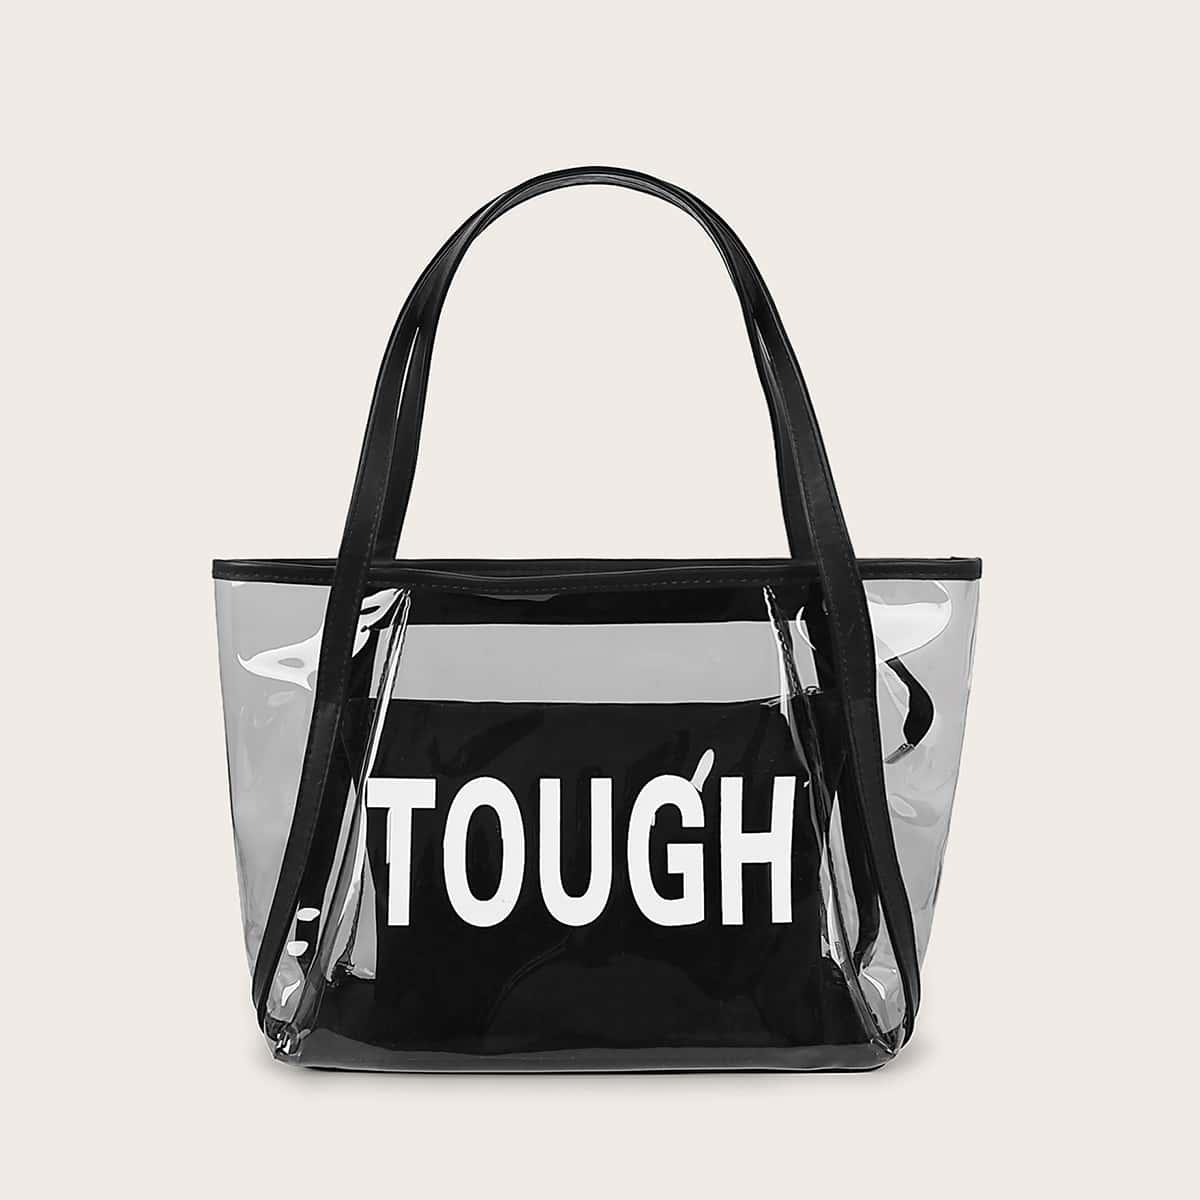 Прозрачная сумка-тоут с текстовым принтом и внутренний мешок